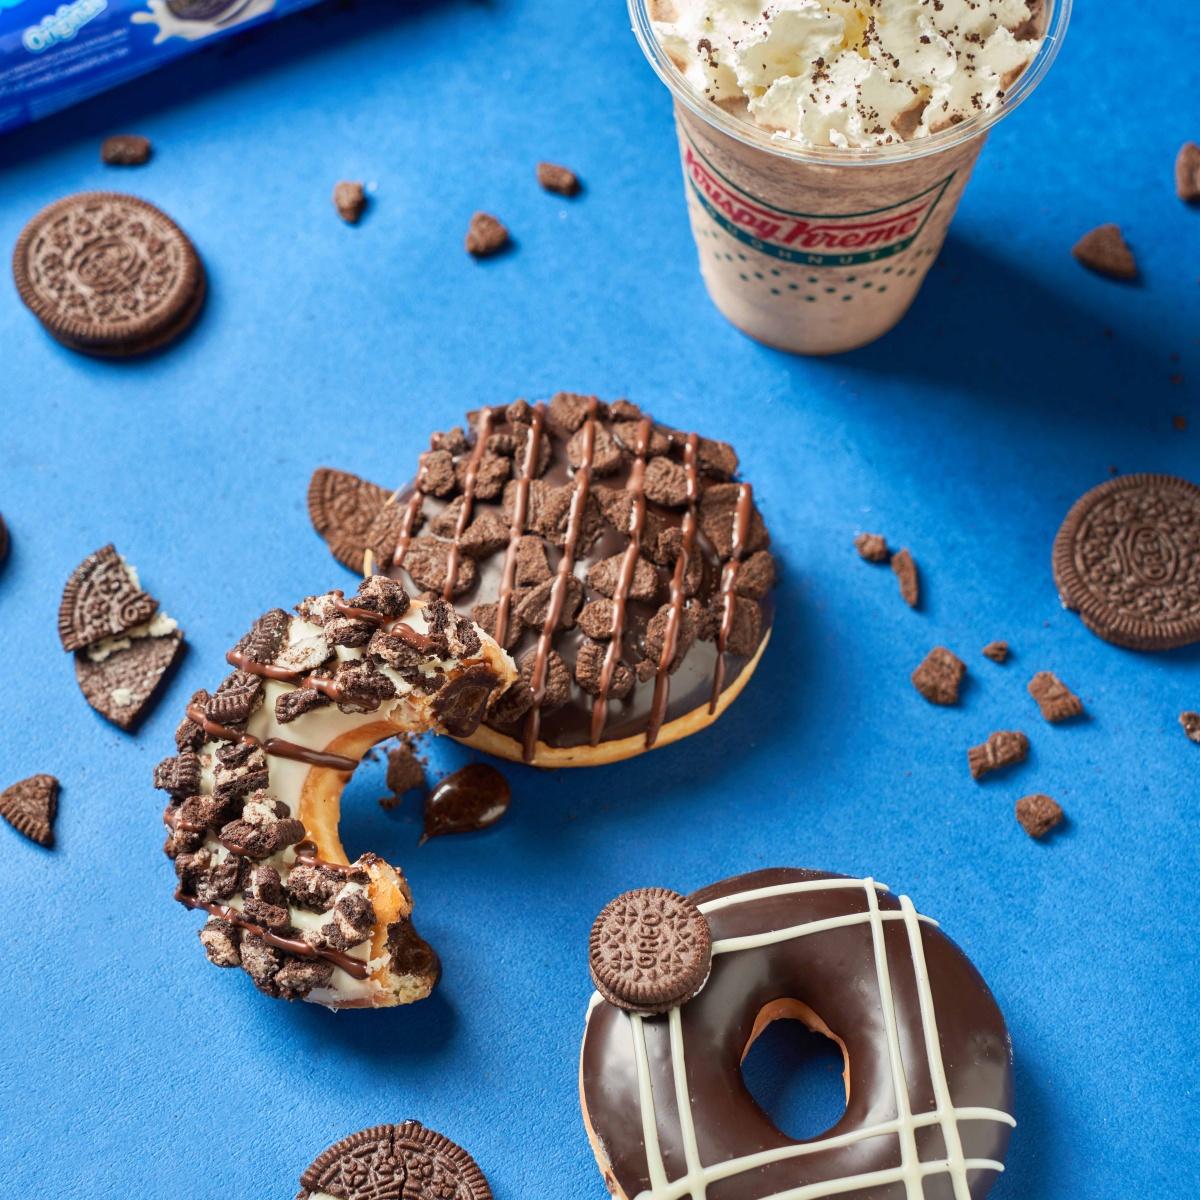 買六送六來了!Krispy Kreme推「OREO甜甜圈」,OREO餅乾碎+卡士達夾心太邪惡